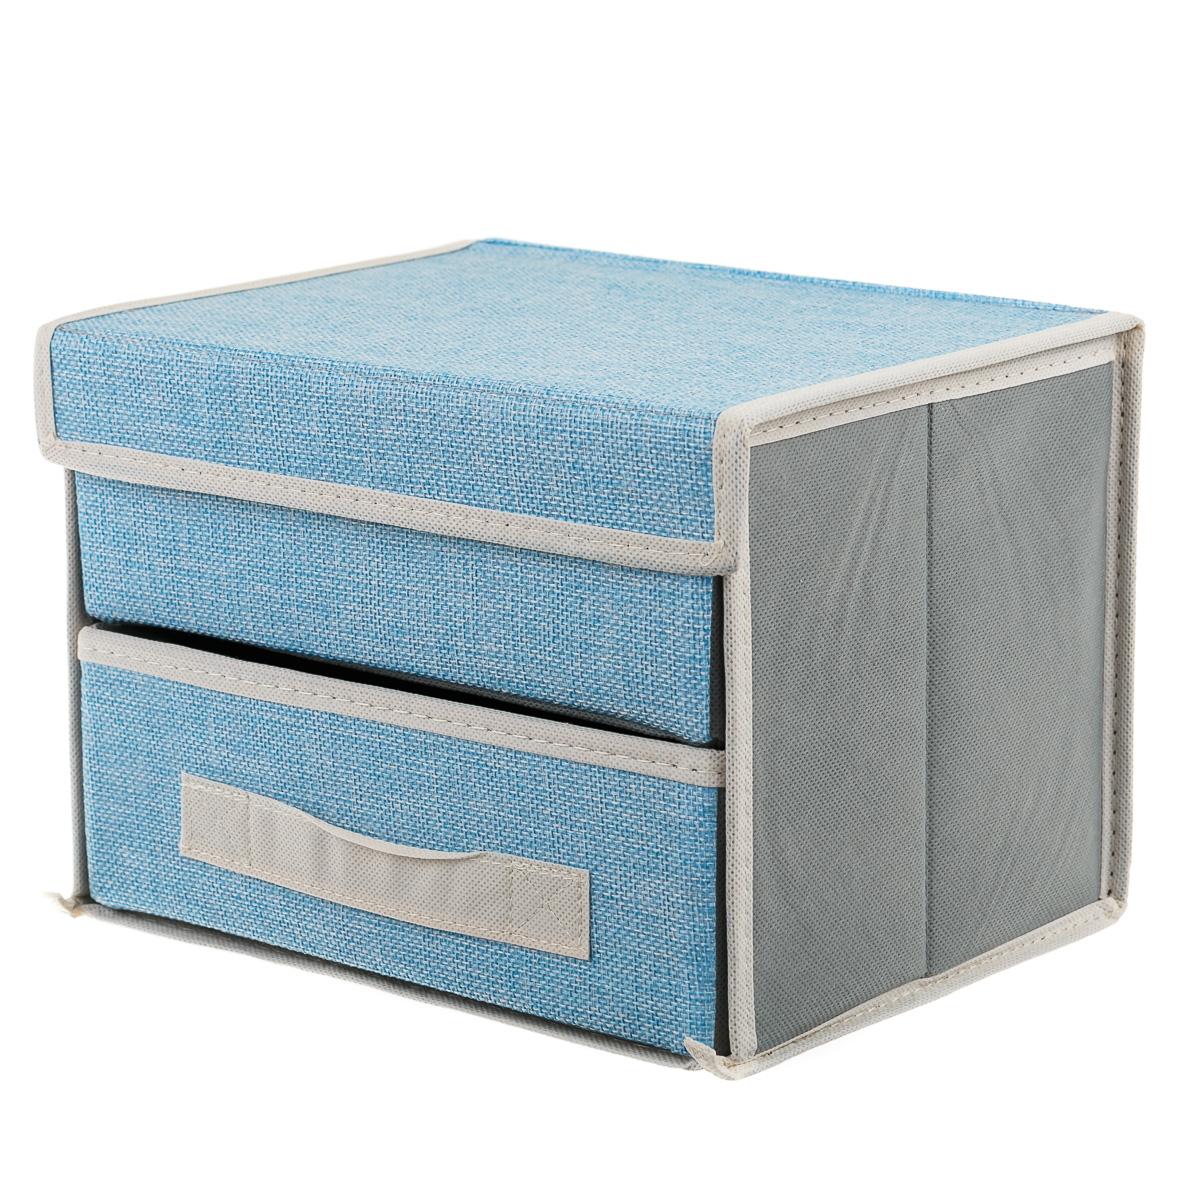 Коробка текстильная для хранения вещей, с 2 отделениями, голубая.